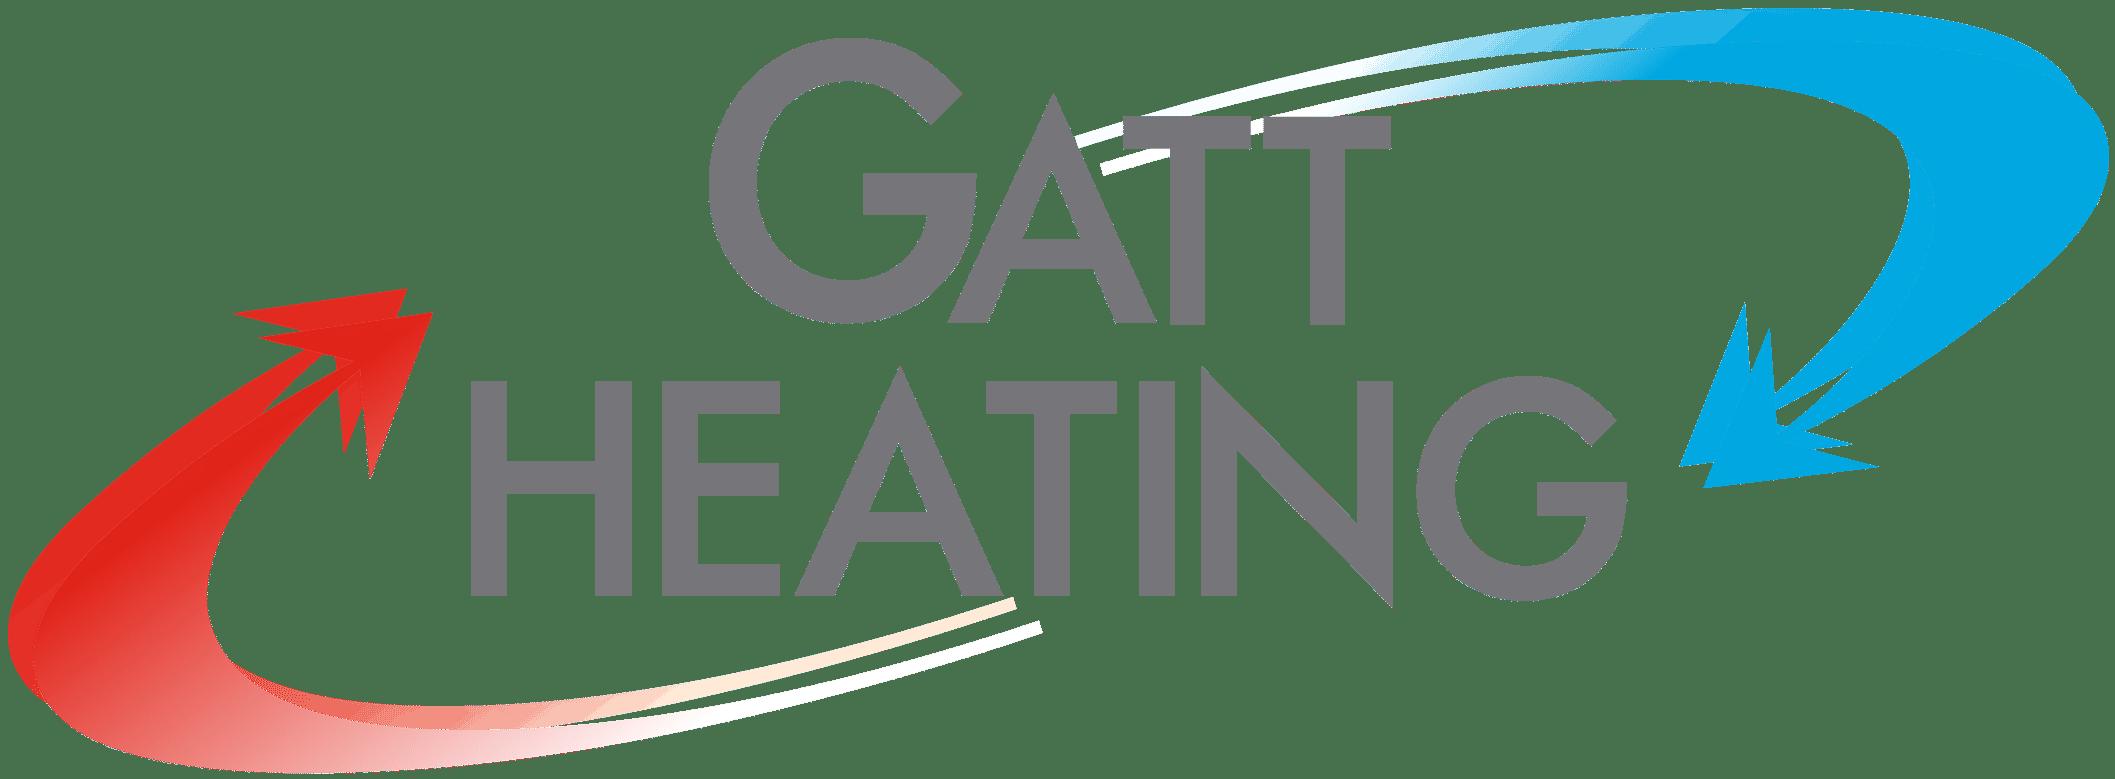 gatt_logo